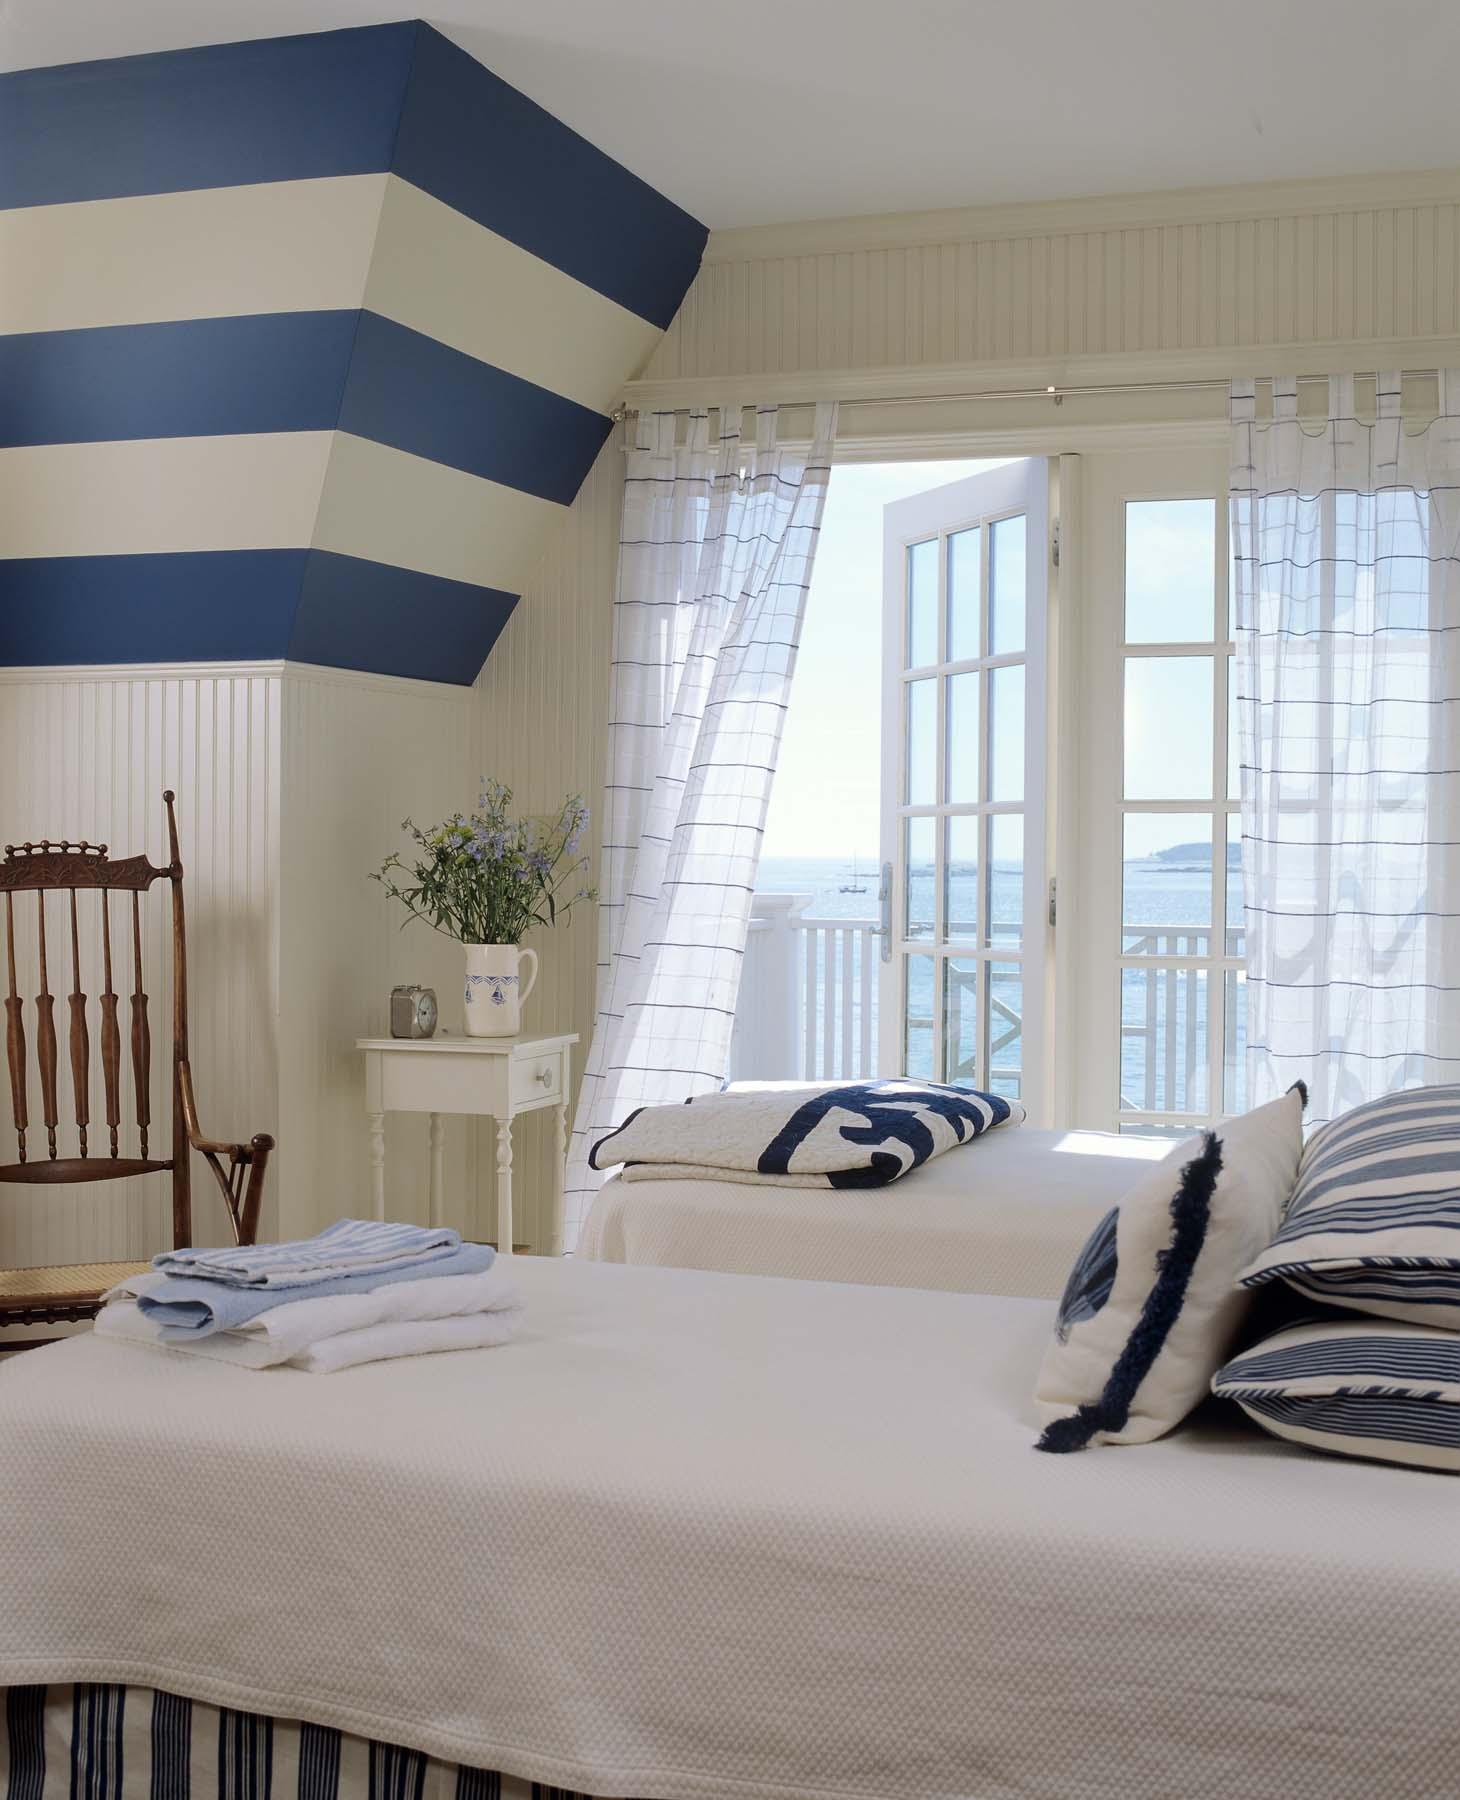 Abbots spare bedroom.jpg